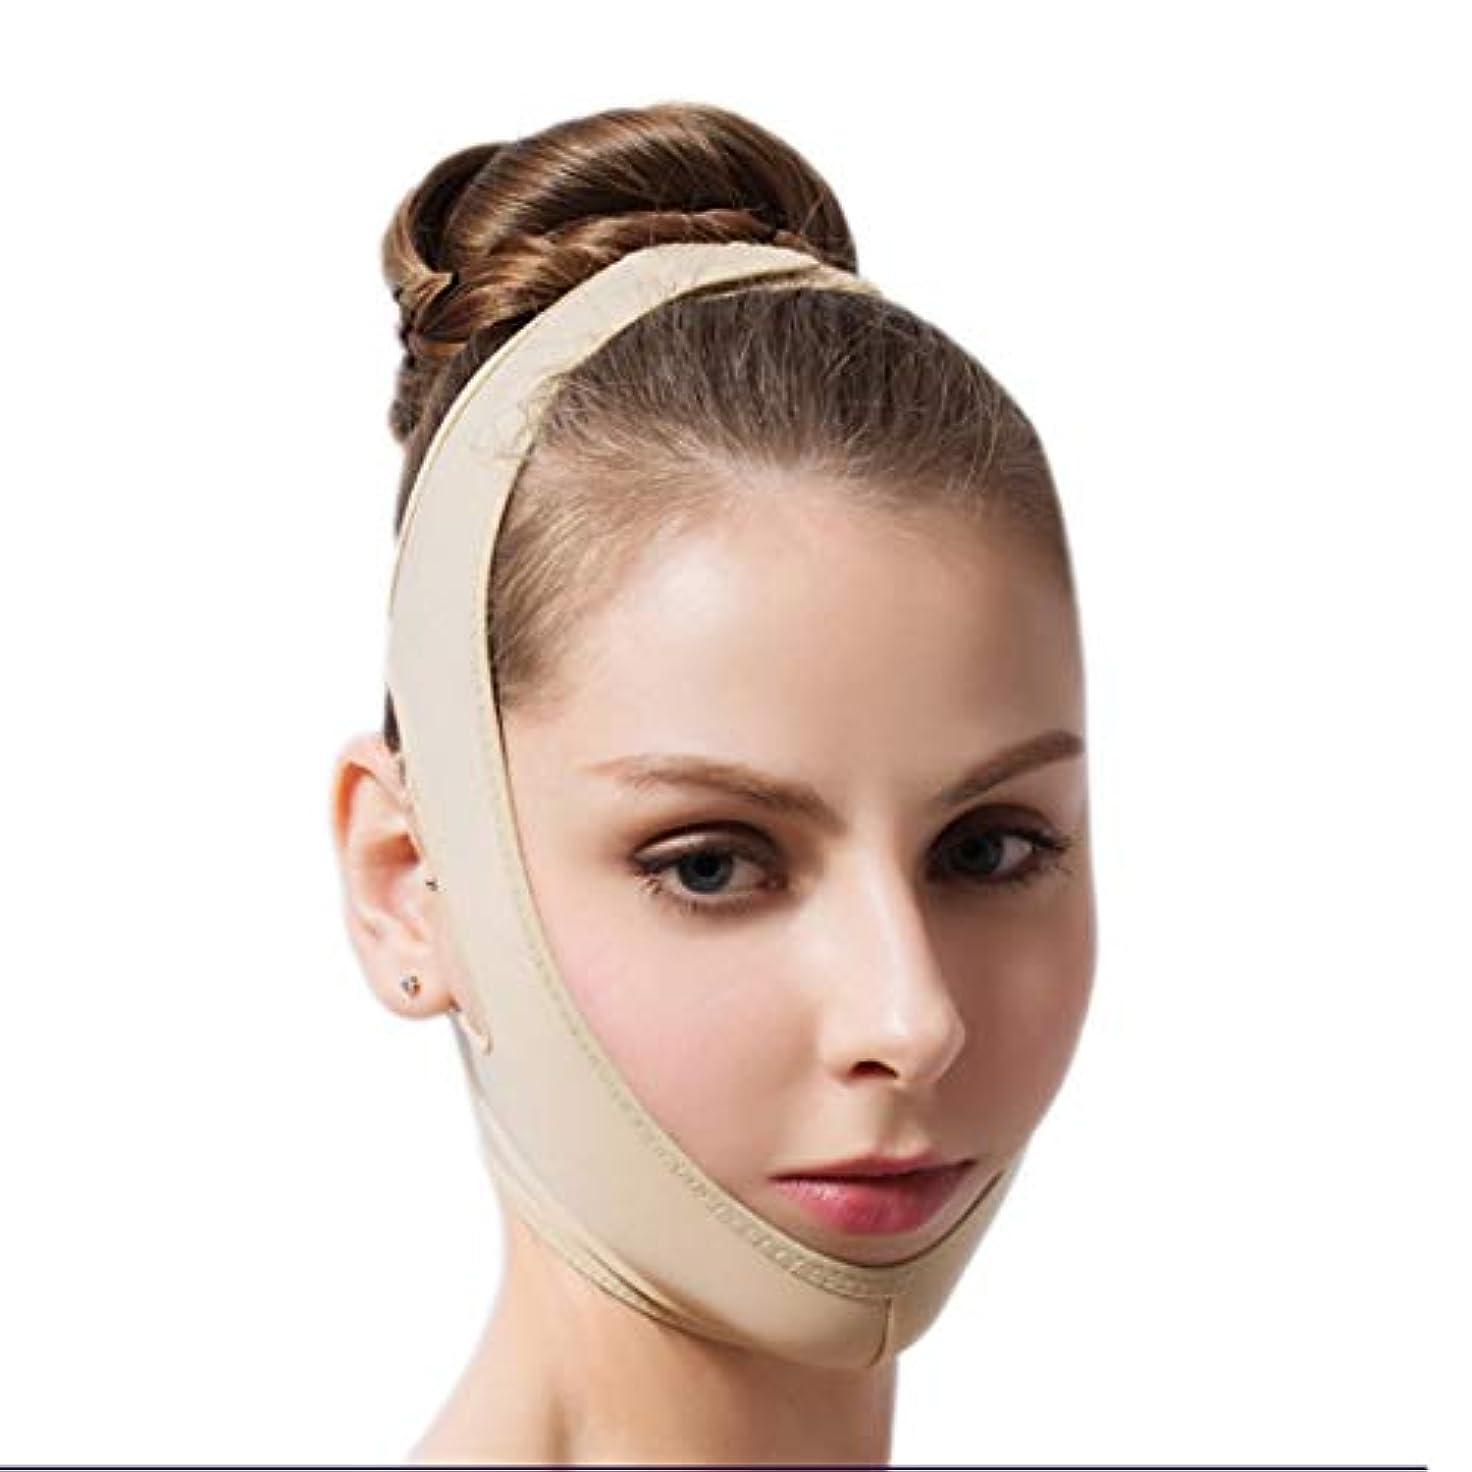 バドミントン文言淡いZWBD フェイスマスク, フェイスリフト包帯V整形術後回復包帯医療グレードマスクバンドルジョー二重あご (Size : L)